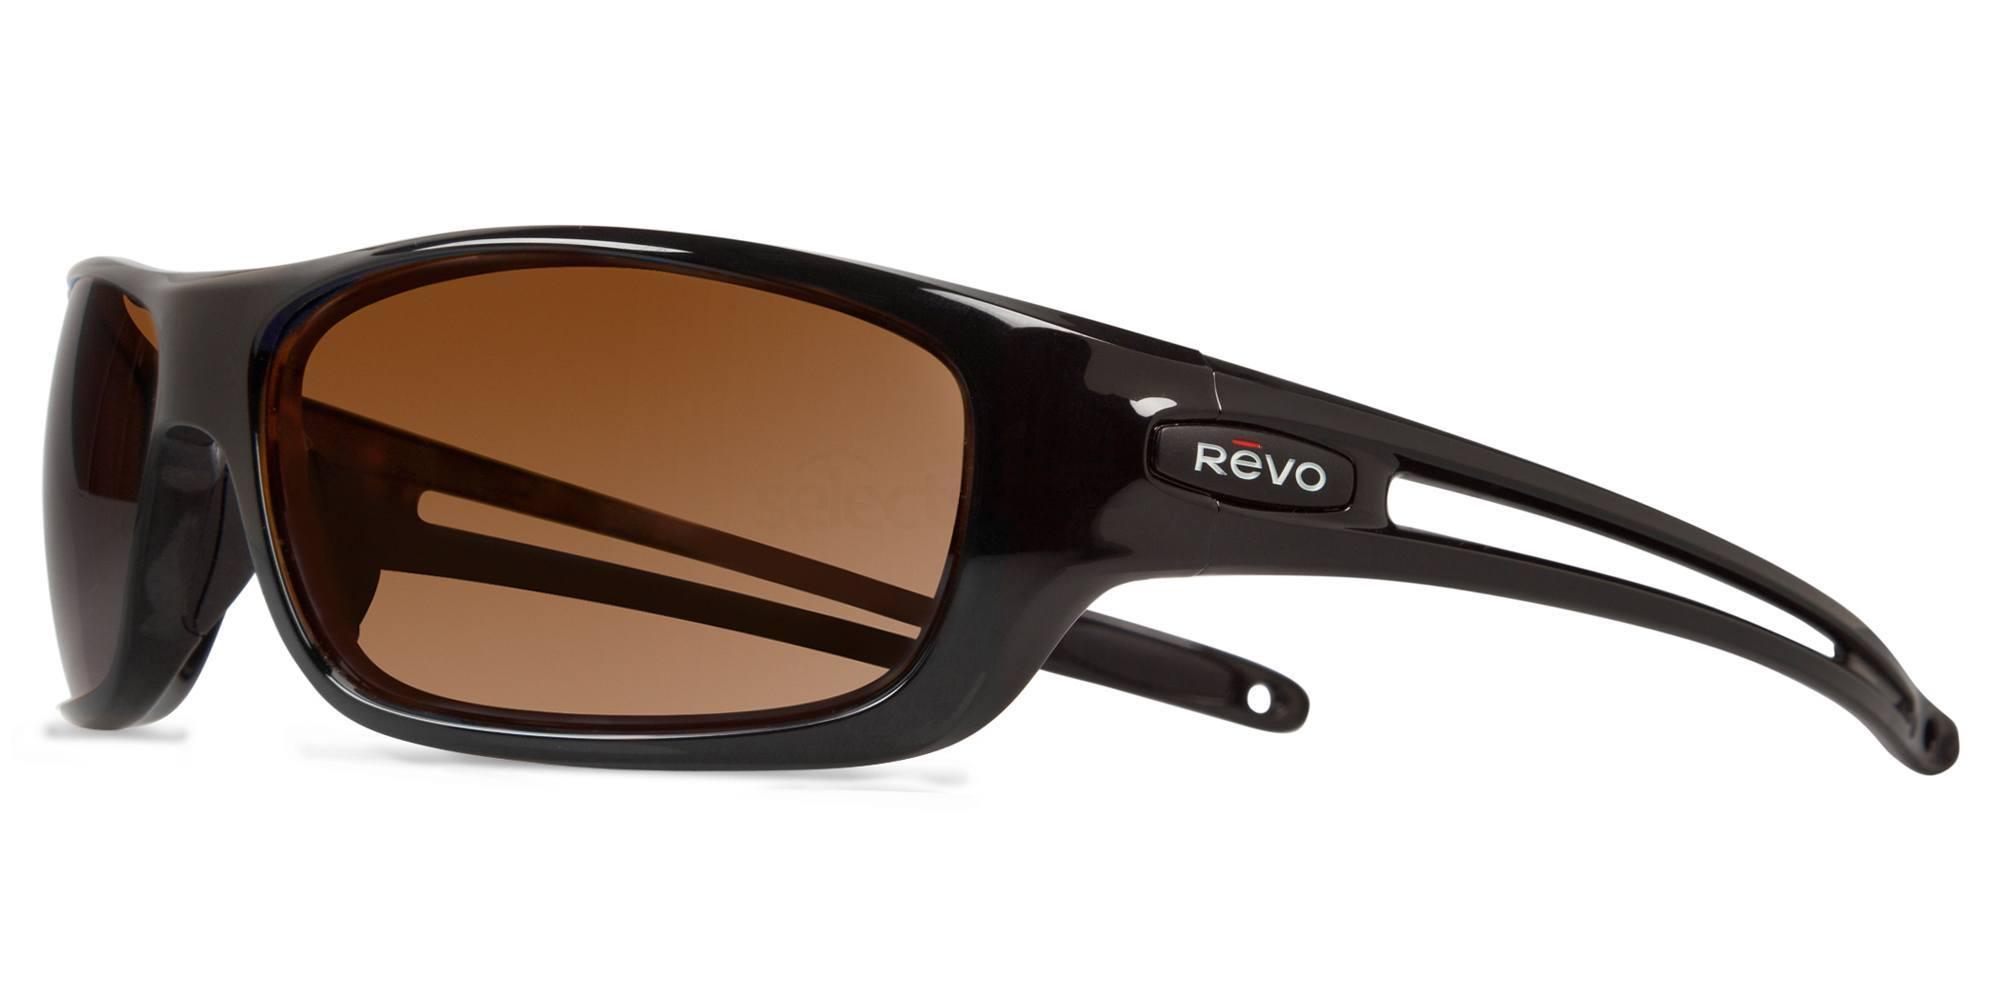 01BR Guide S - 354070 Sunglasses, Revo